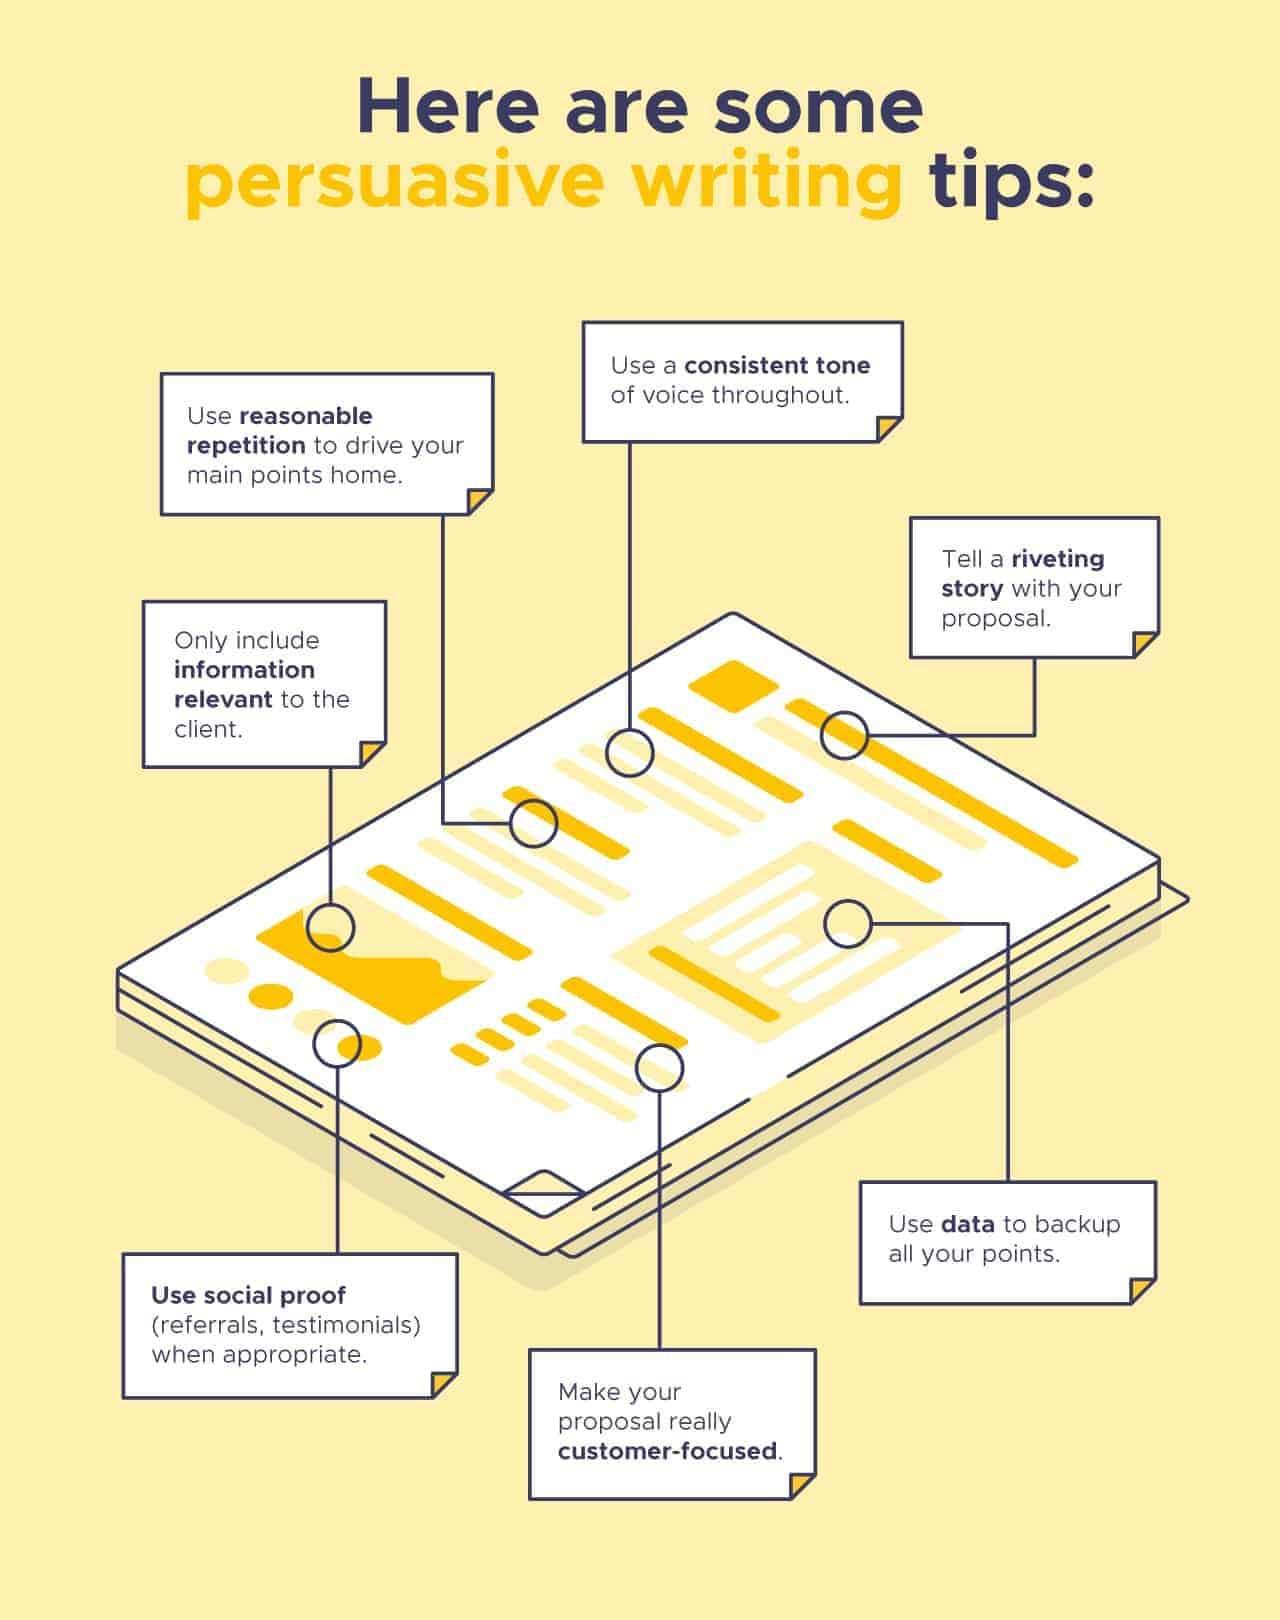 persuasive-writing-tips-4499952